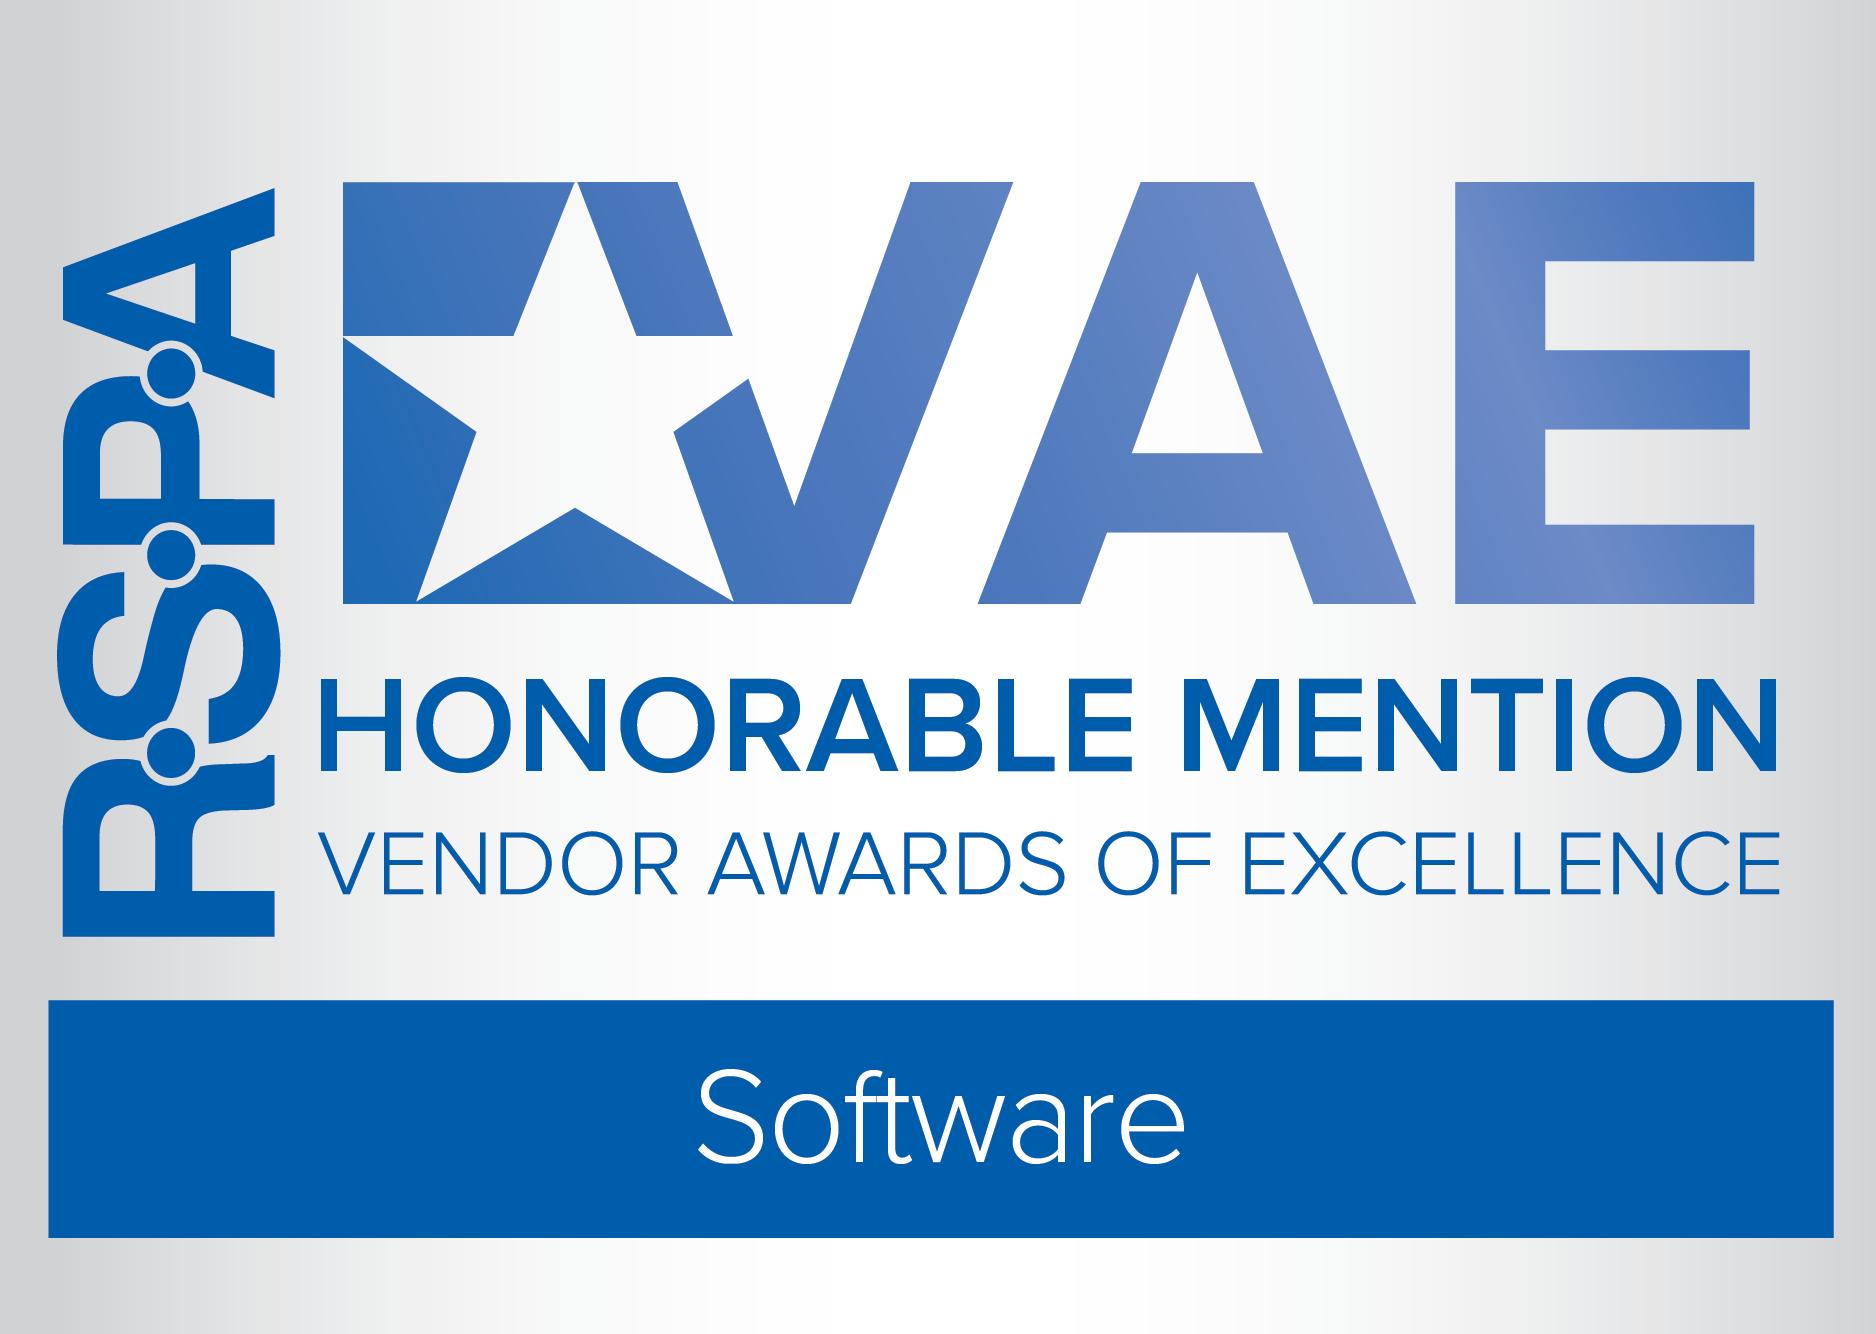 EdgeServ POS wins Vendor Awards of Excellence